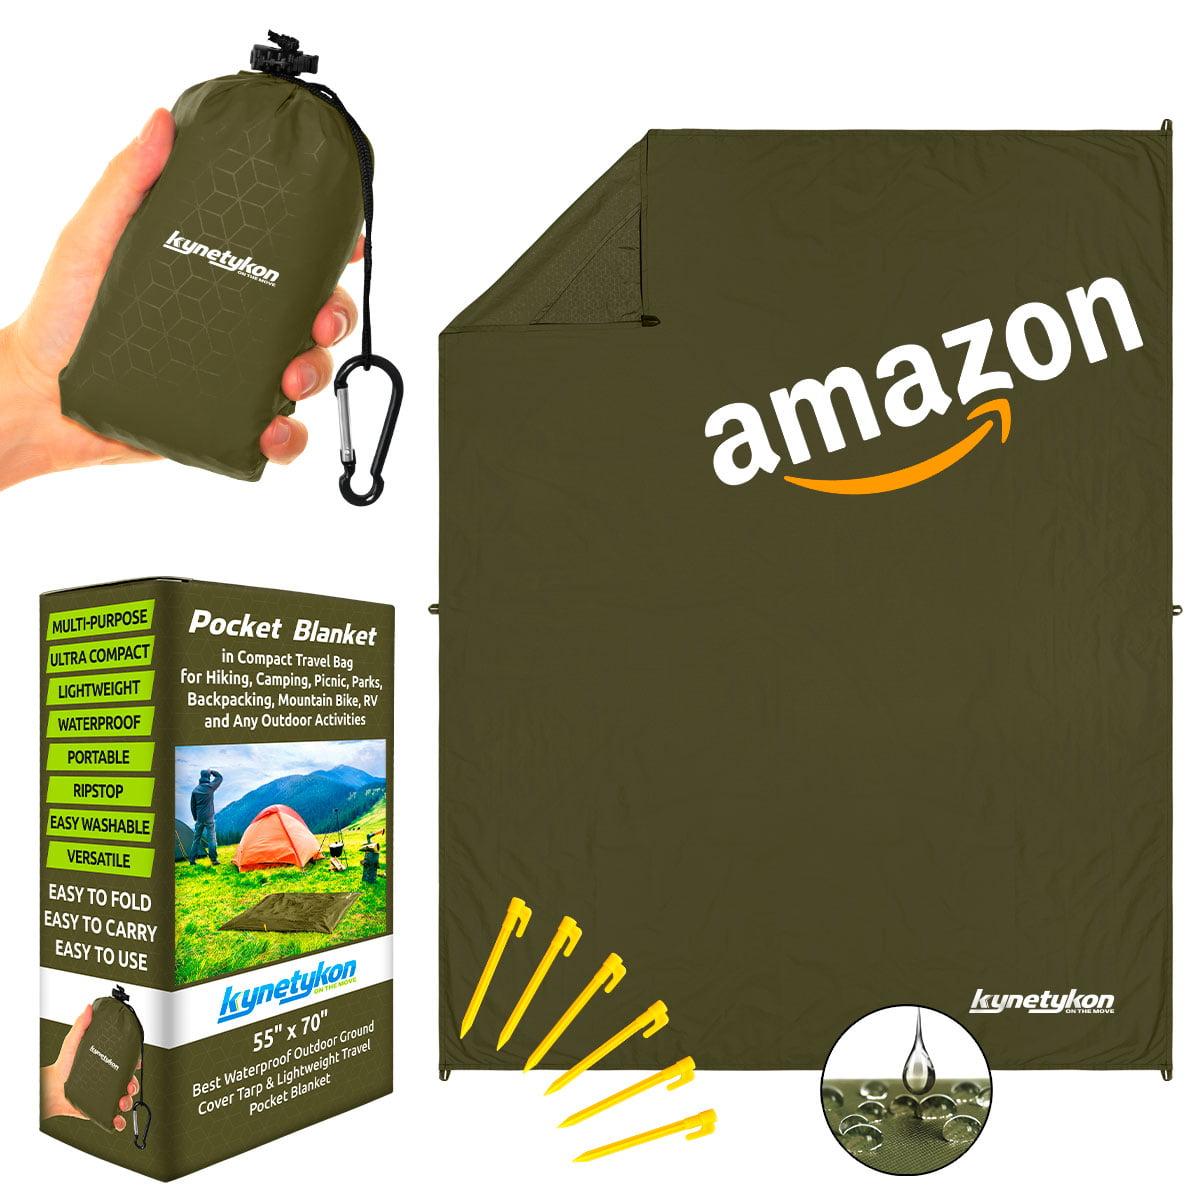 Servicii profesionale de fotografie pentru produse vândute pe Amazon: imagini pentru galerie listinguri, pagini A+ și EBC, fotografii profesionale pentru site-ul sau landing page-ul produsului de Amazon, pentru promovarea pe rețele sociale ... sau pentru orice altceva legat de Amazon.